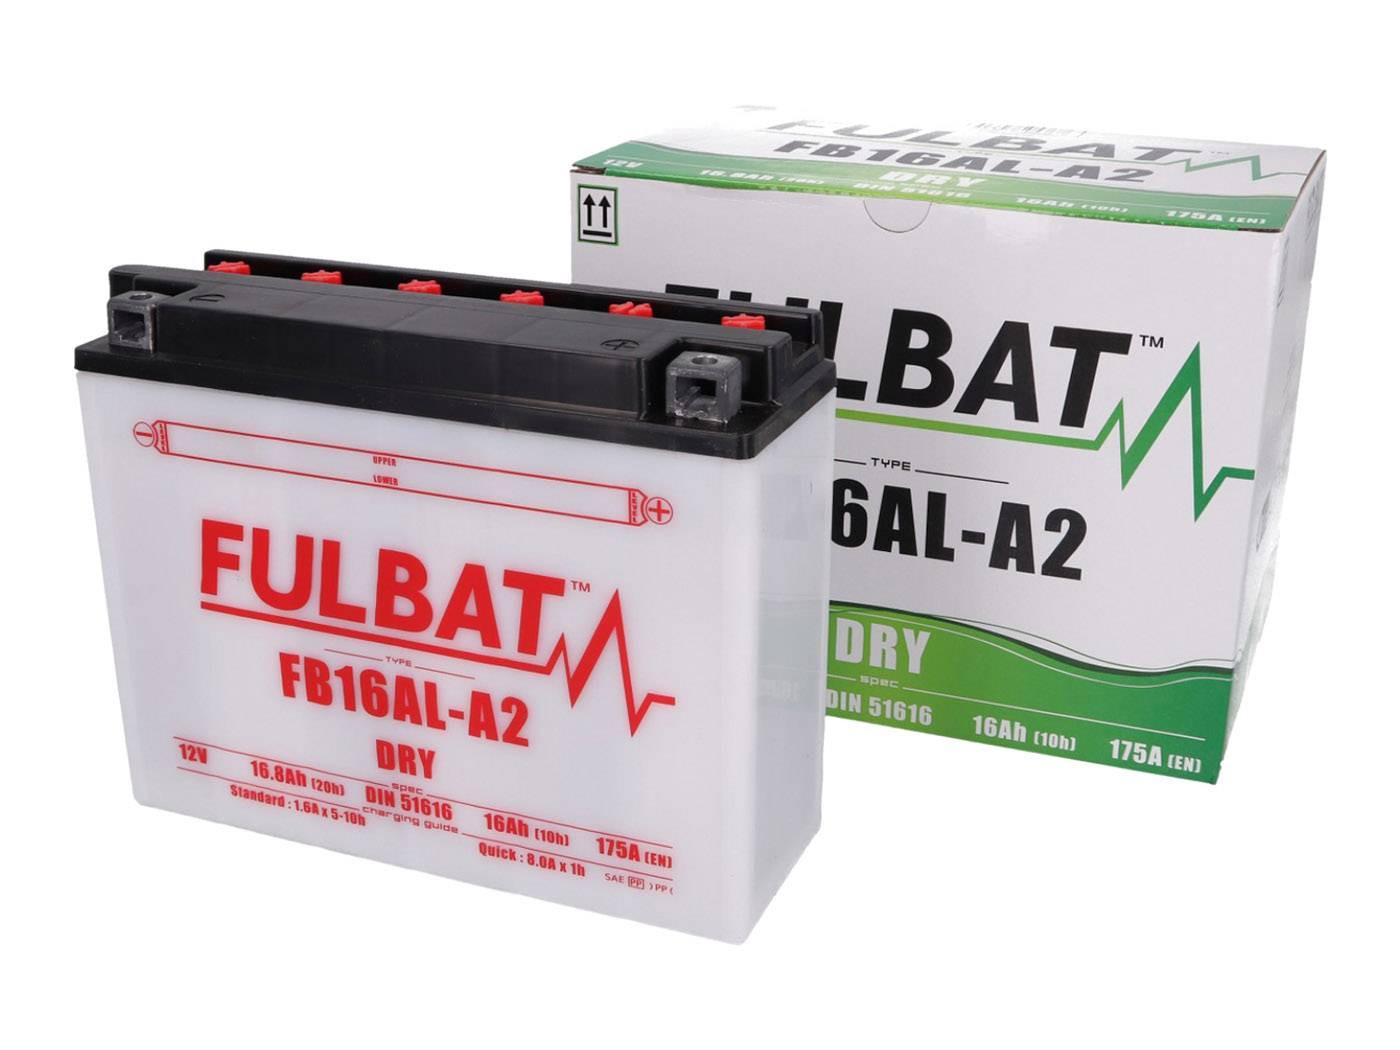 Fulbat FB16AL-A2 DRY száraz akkumulátor + savcsomag